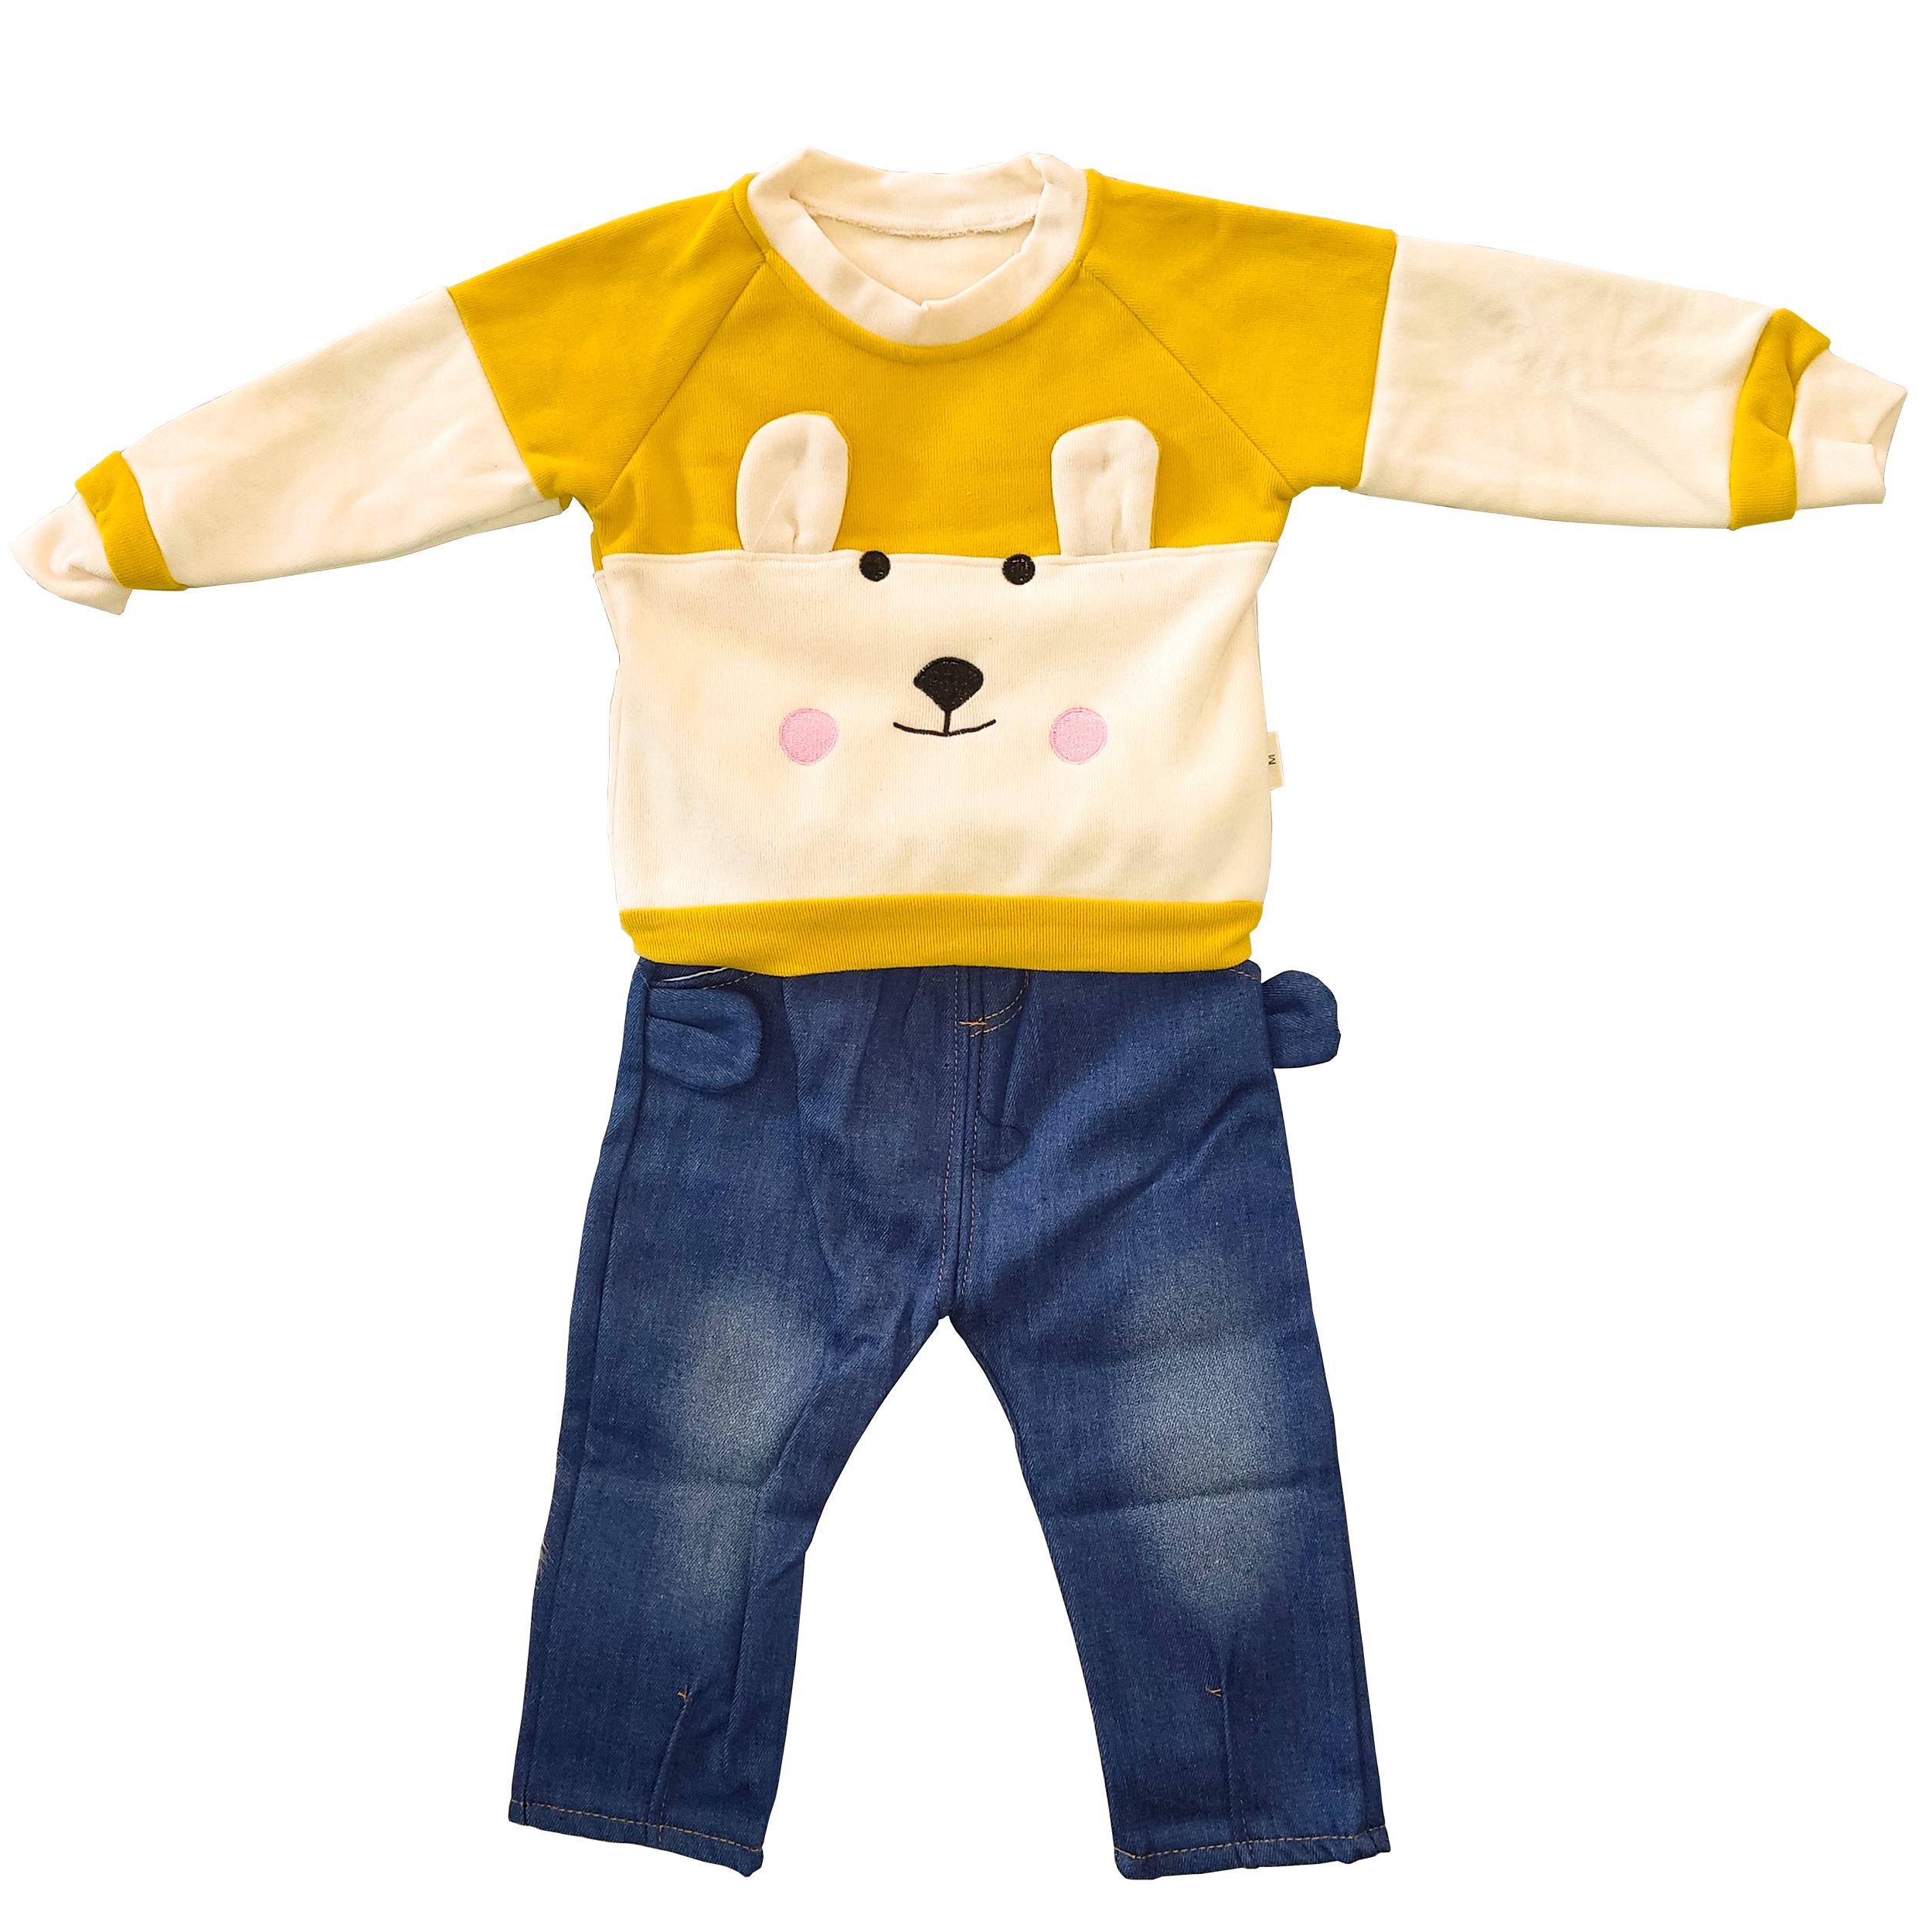 ست سویشرت و شلوار پسرانه مدل عروسکی کد 0021